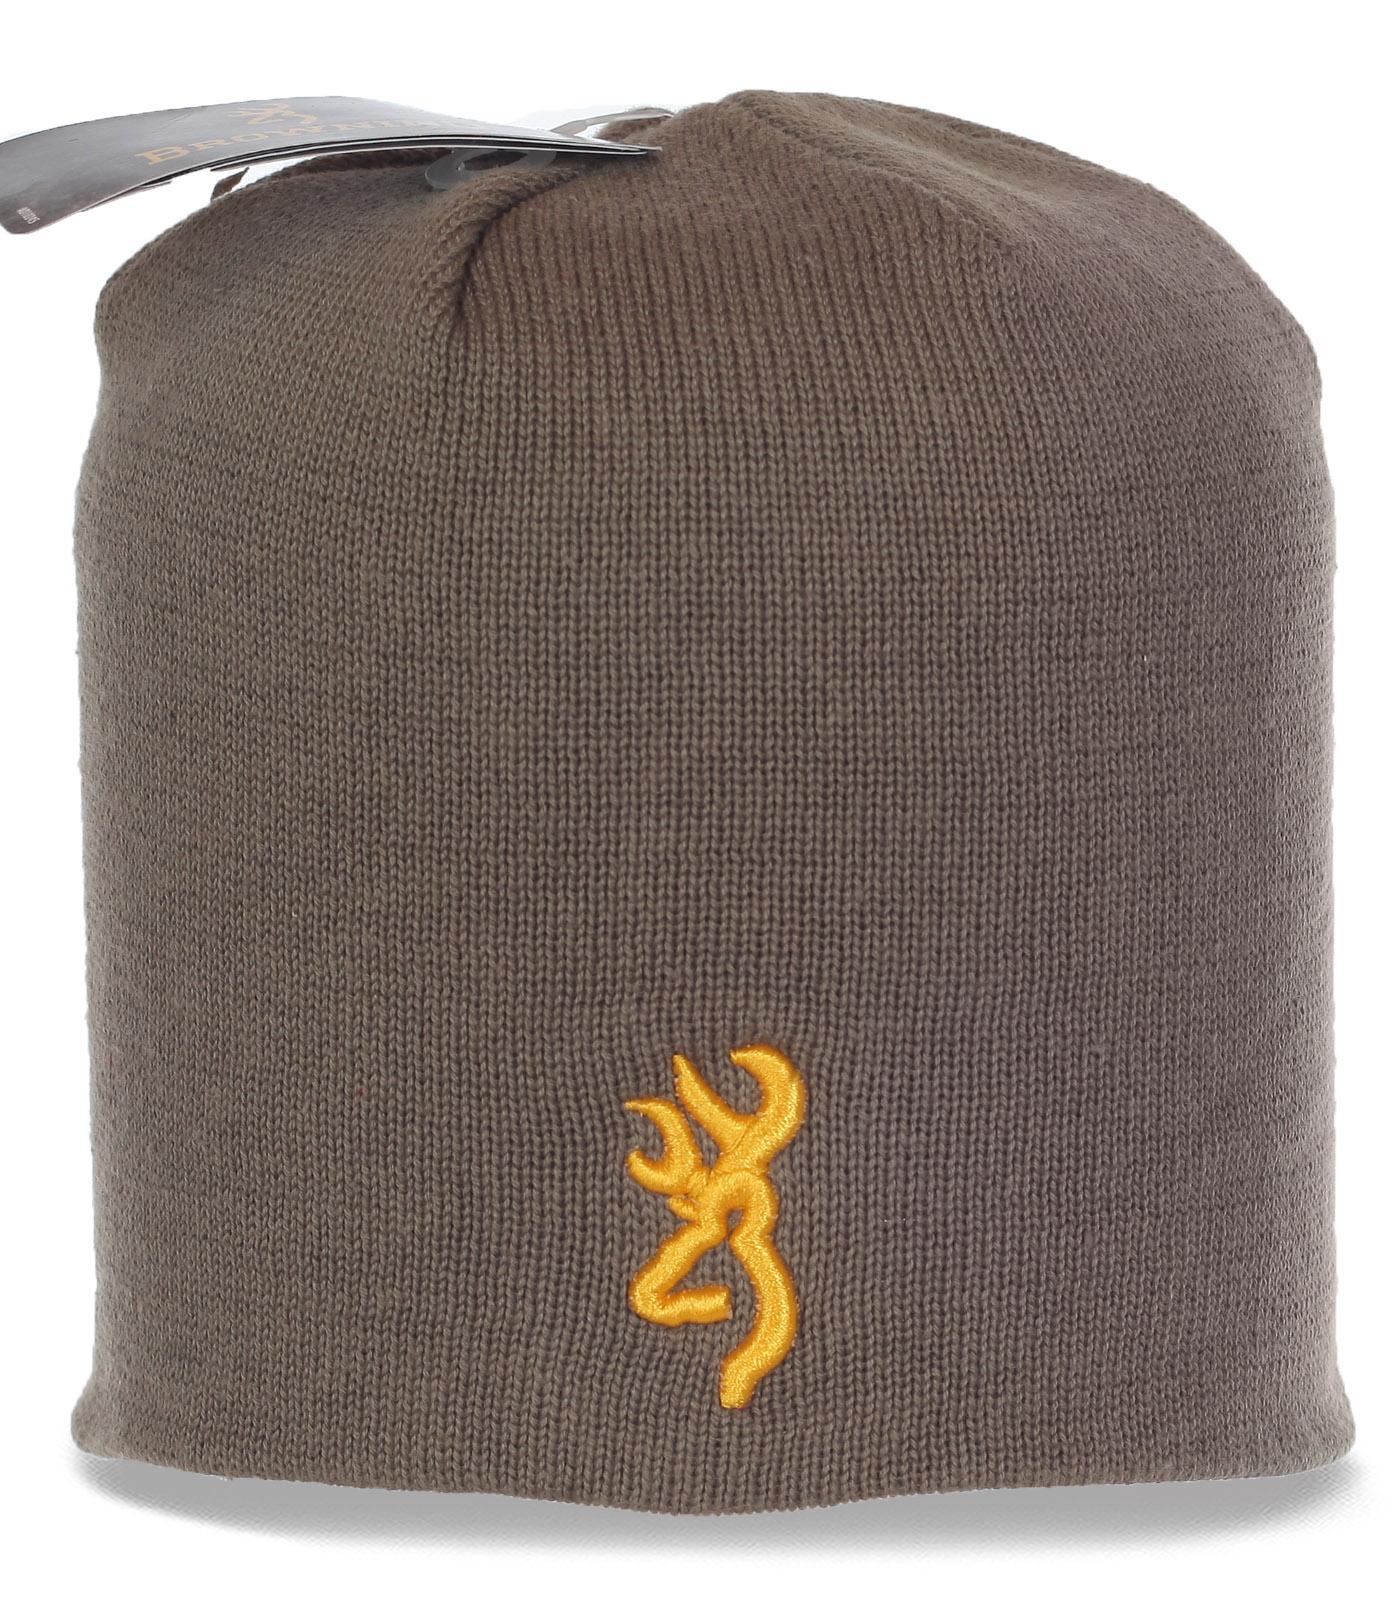 Практичная мужская шапка бини. Популярная современная модель заботливо согреет в непогоду по невероятно привлекательной цене